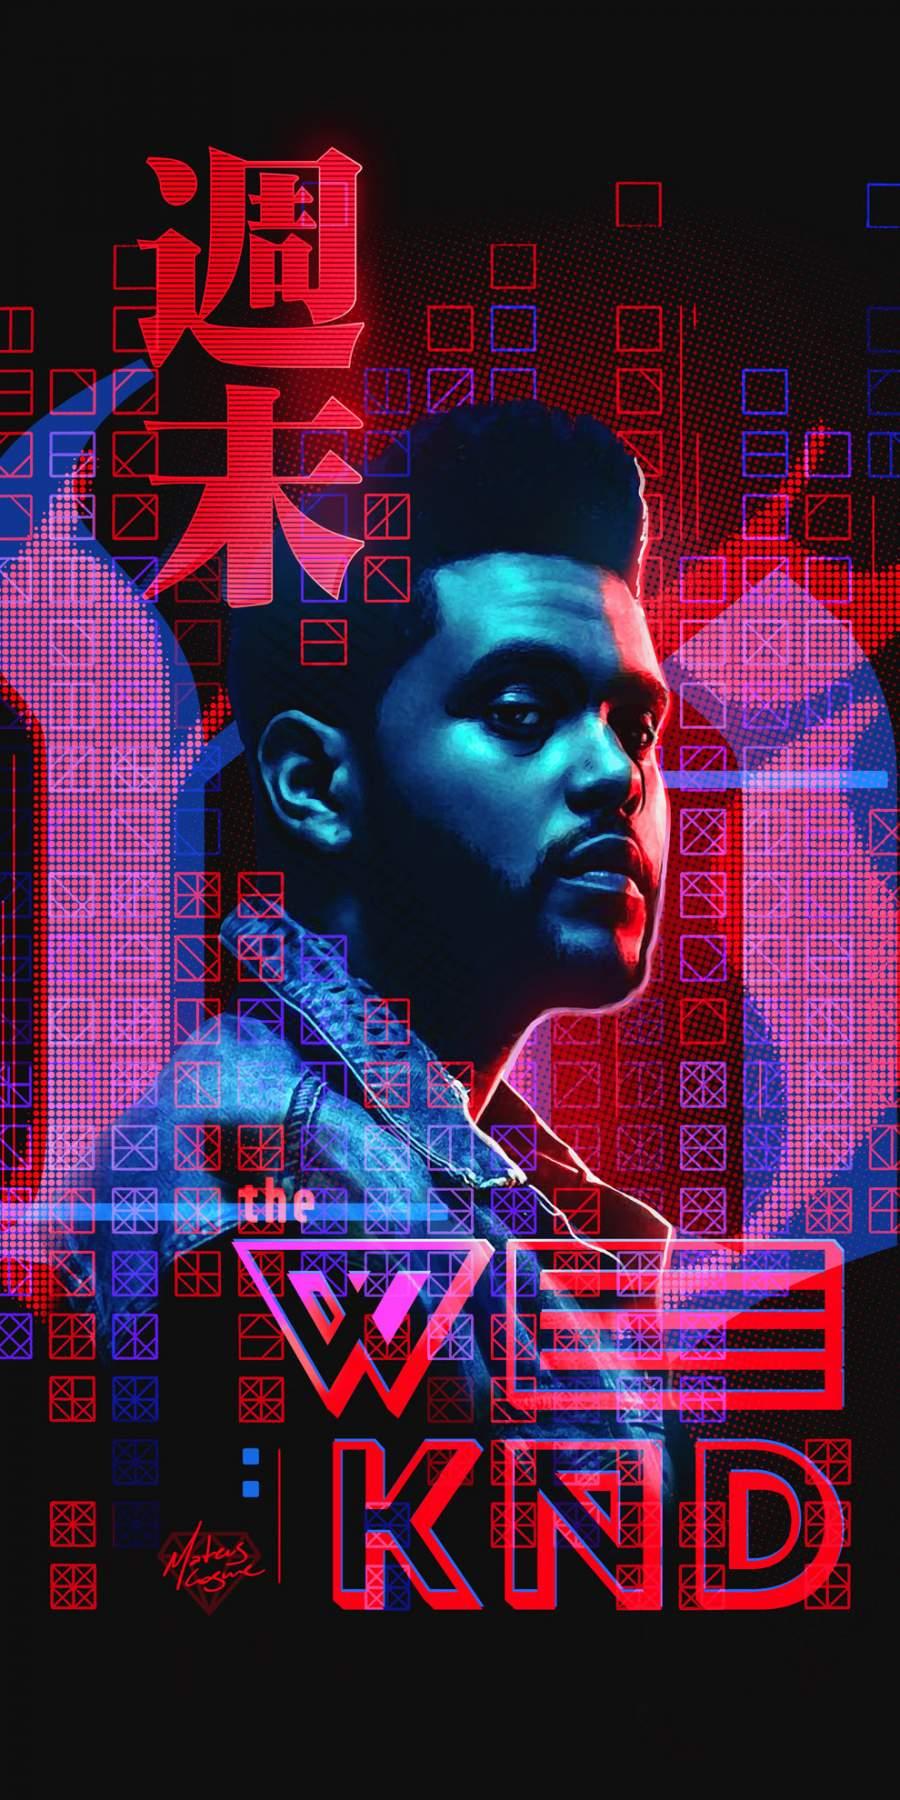 Weeknd Art iPhone Wallpaper